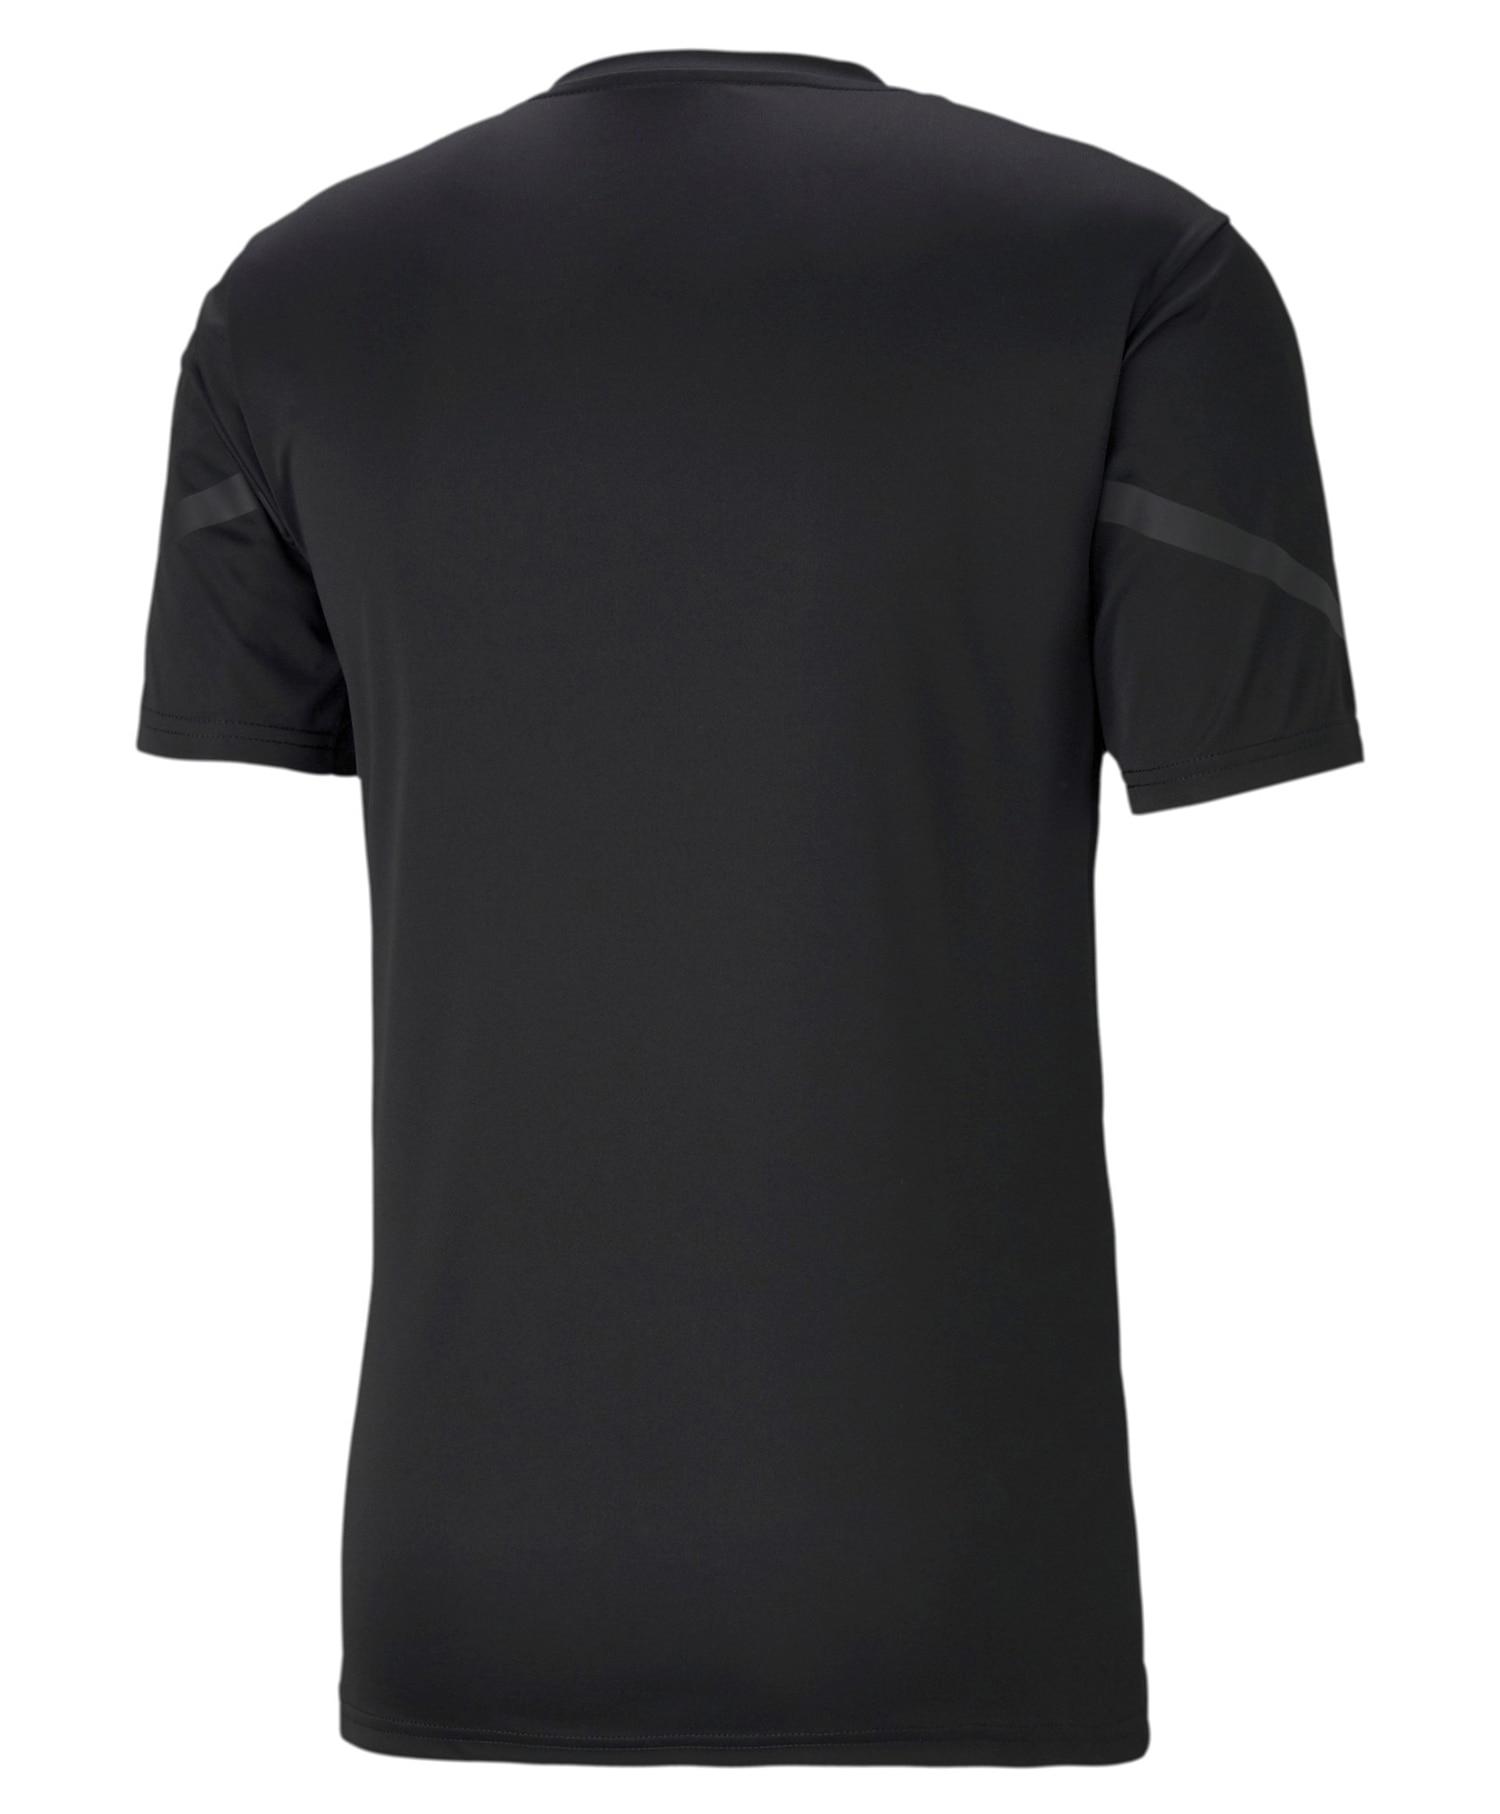 Puma Teamflash Jersey